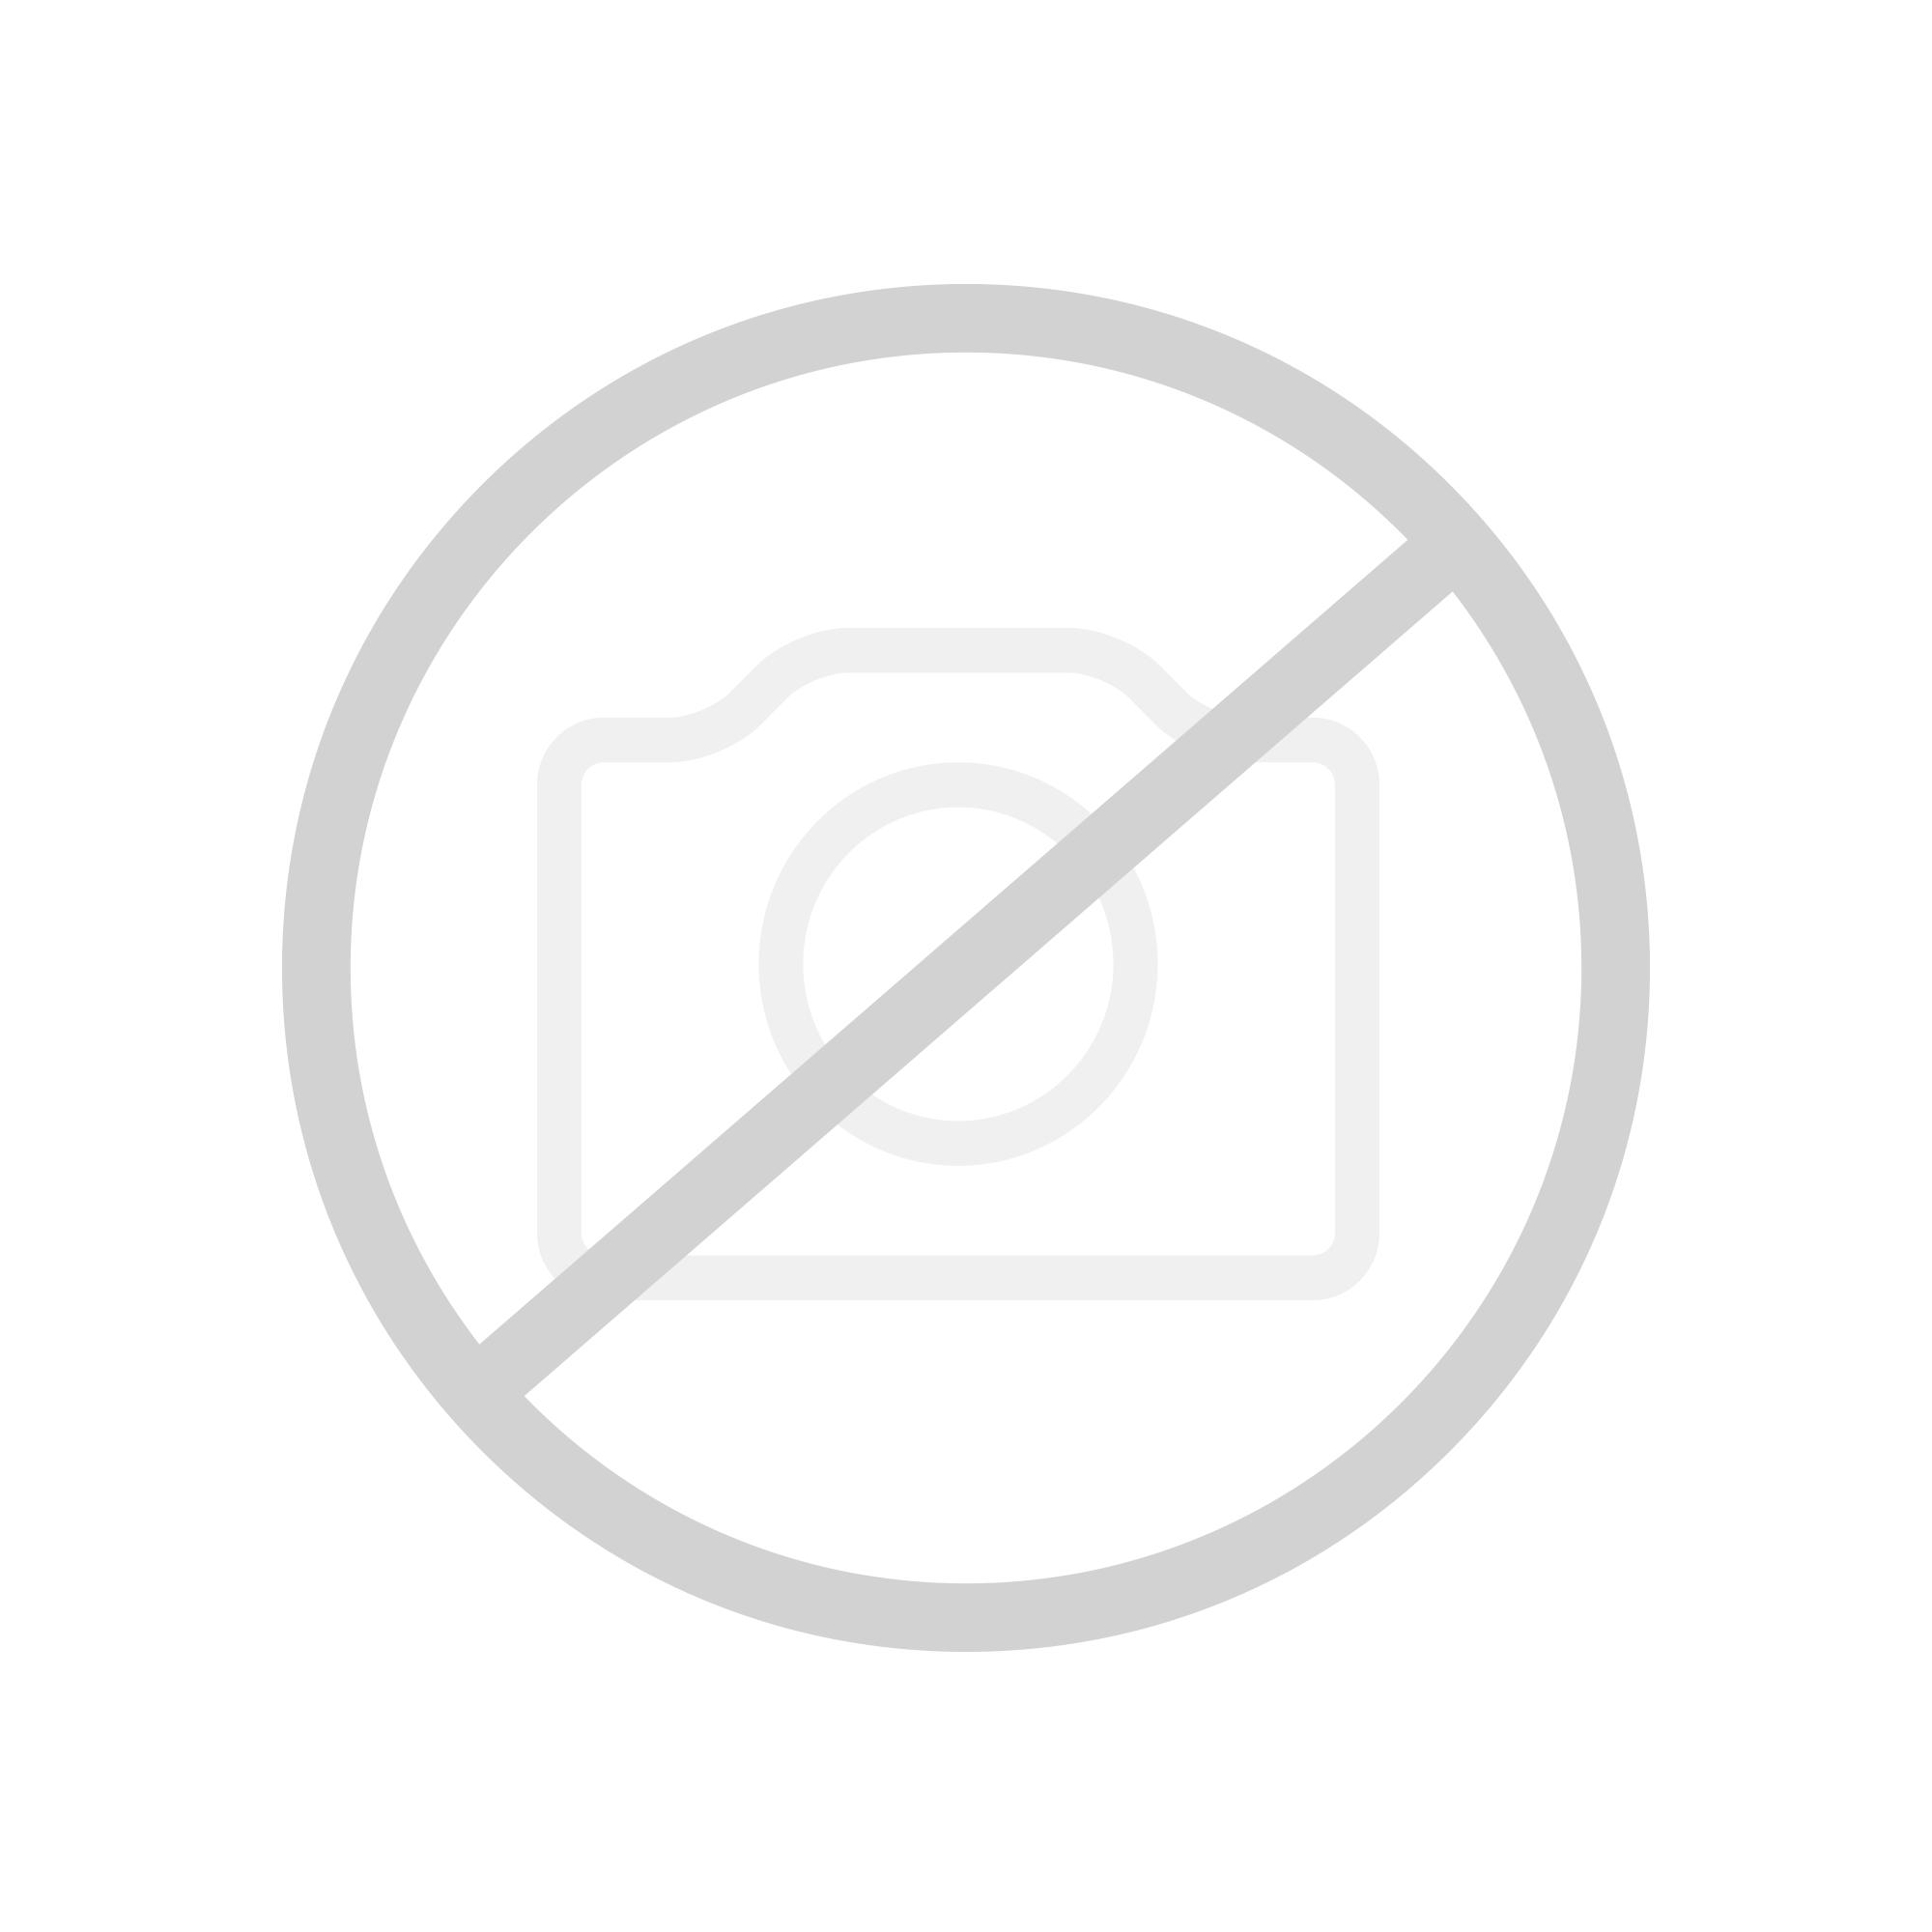 Kludi BALANCE Brause-Einhandmischer DN 15 chrom